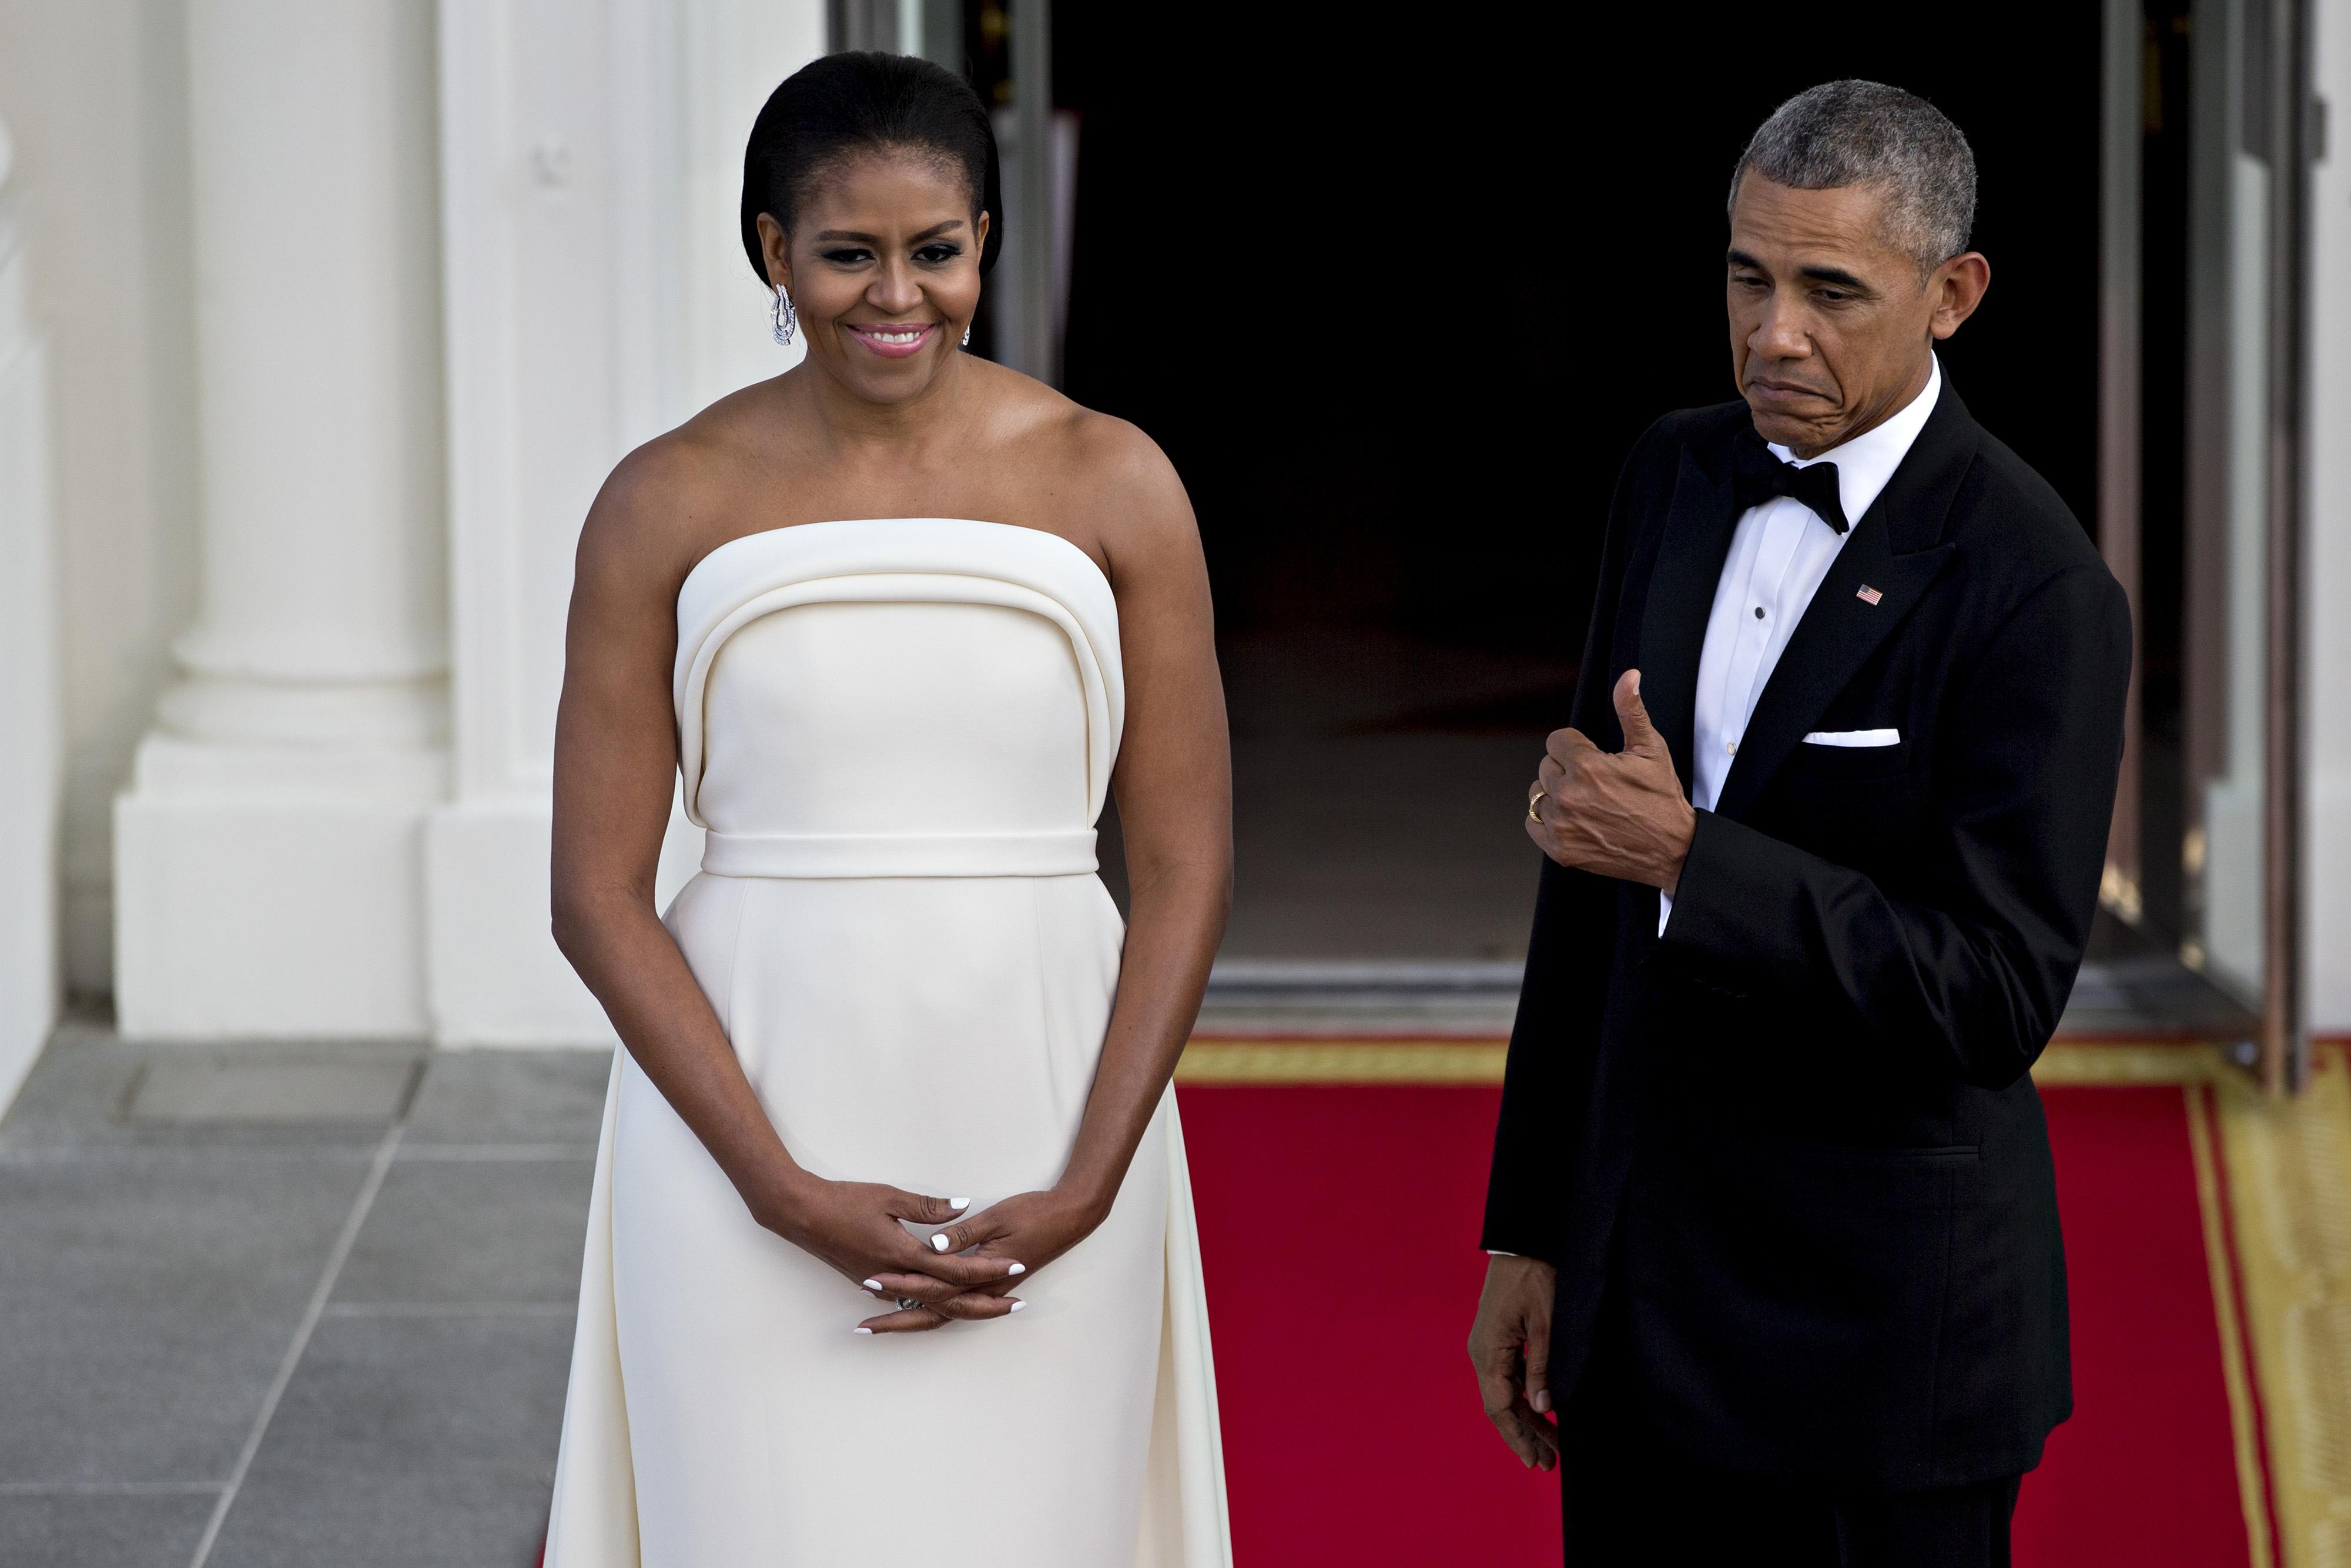 021 Barack Obama Feminism Essay Marvelous President Research Paper Pdf Michelle Full